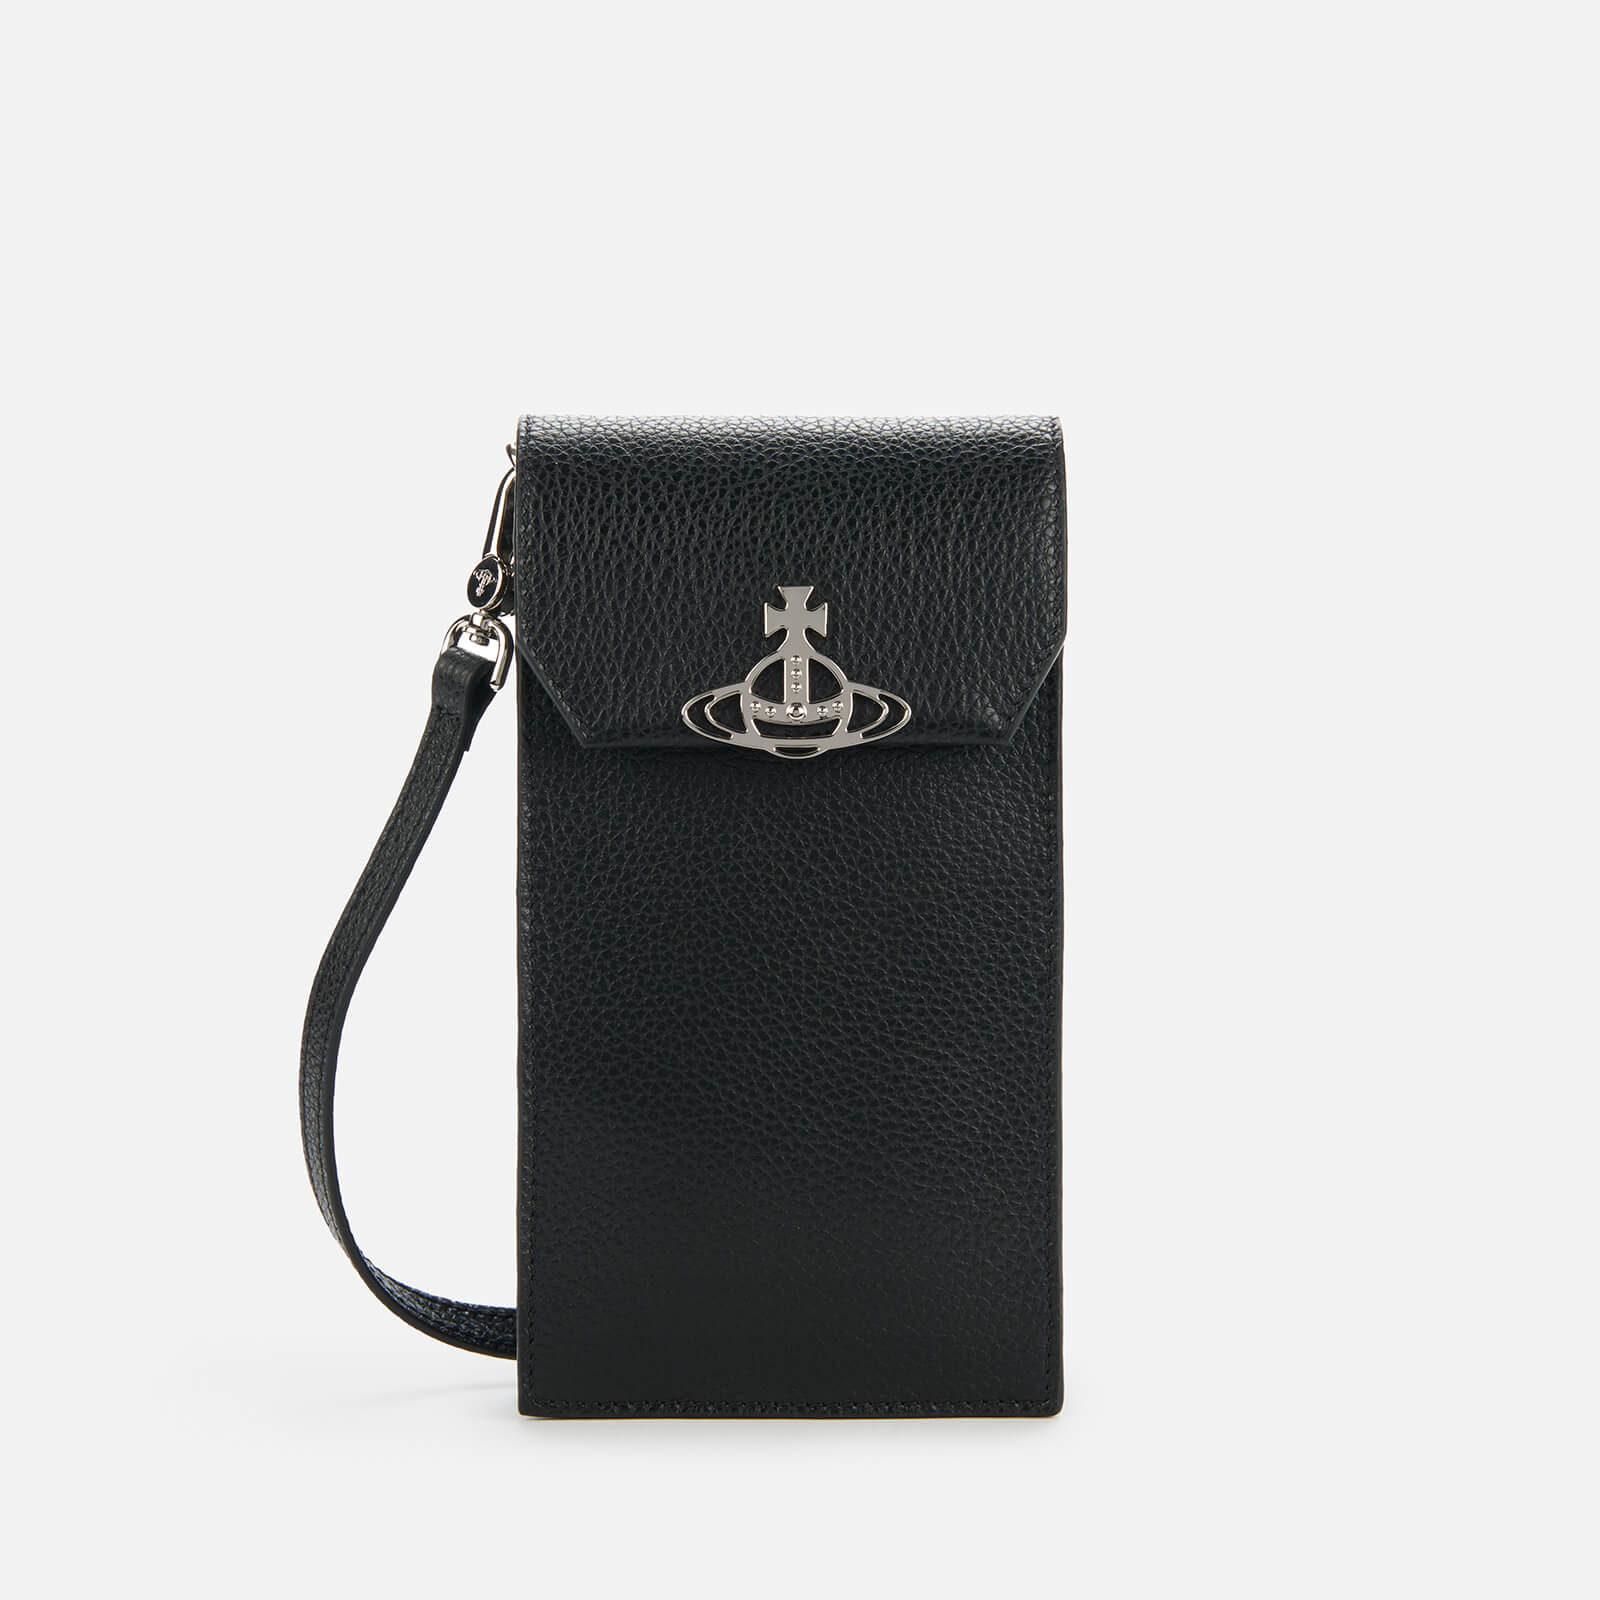 Vivienne Westwood Women's Jordan Phone Bag - Black